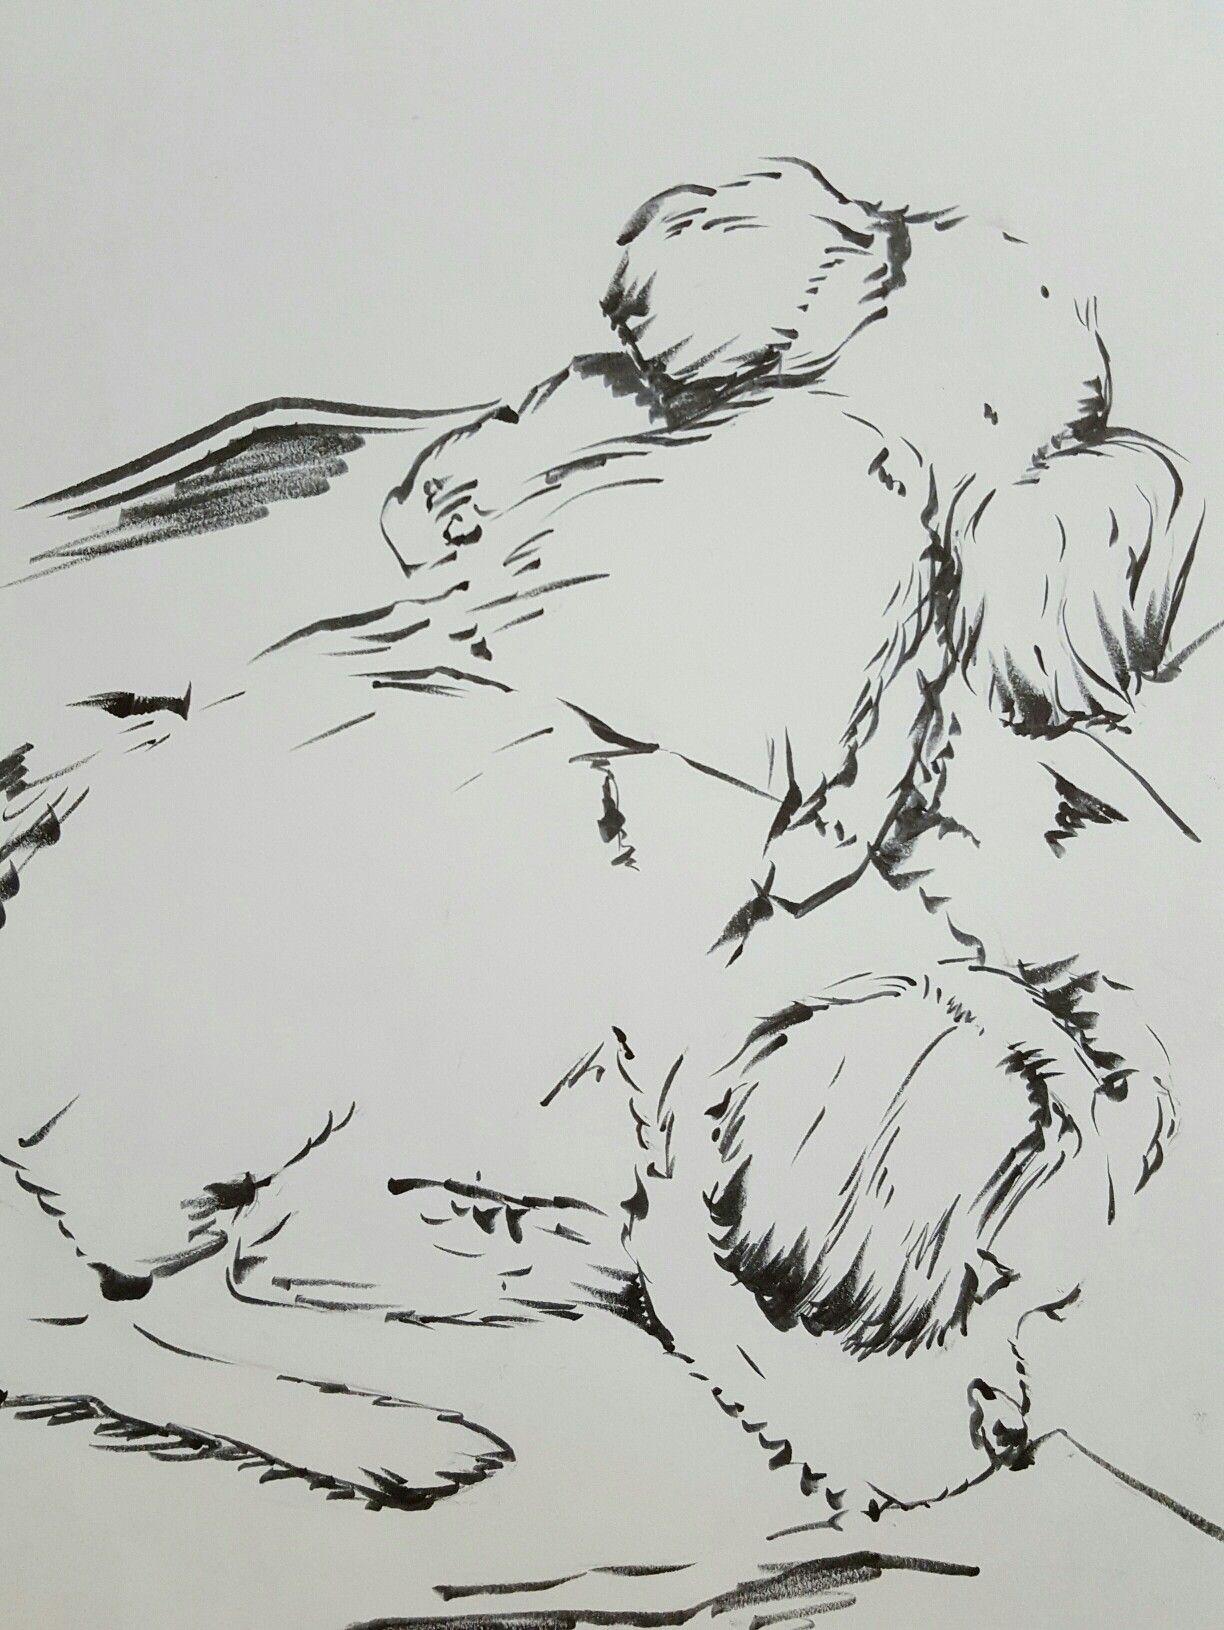 [잠] 자고있는 강아지의 미세한움직임을 표현.